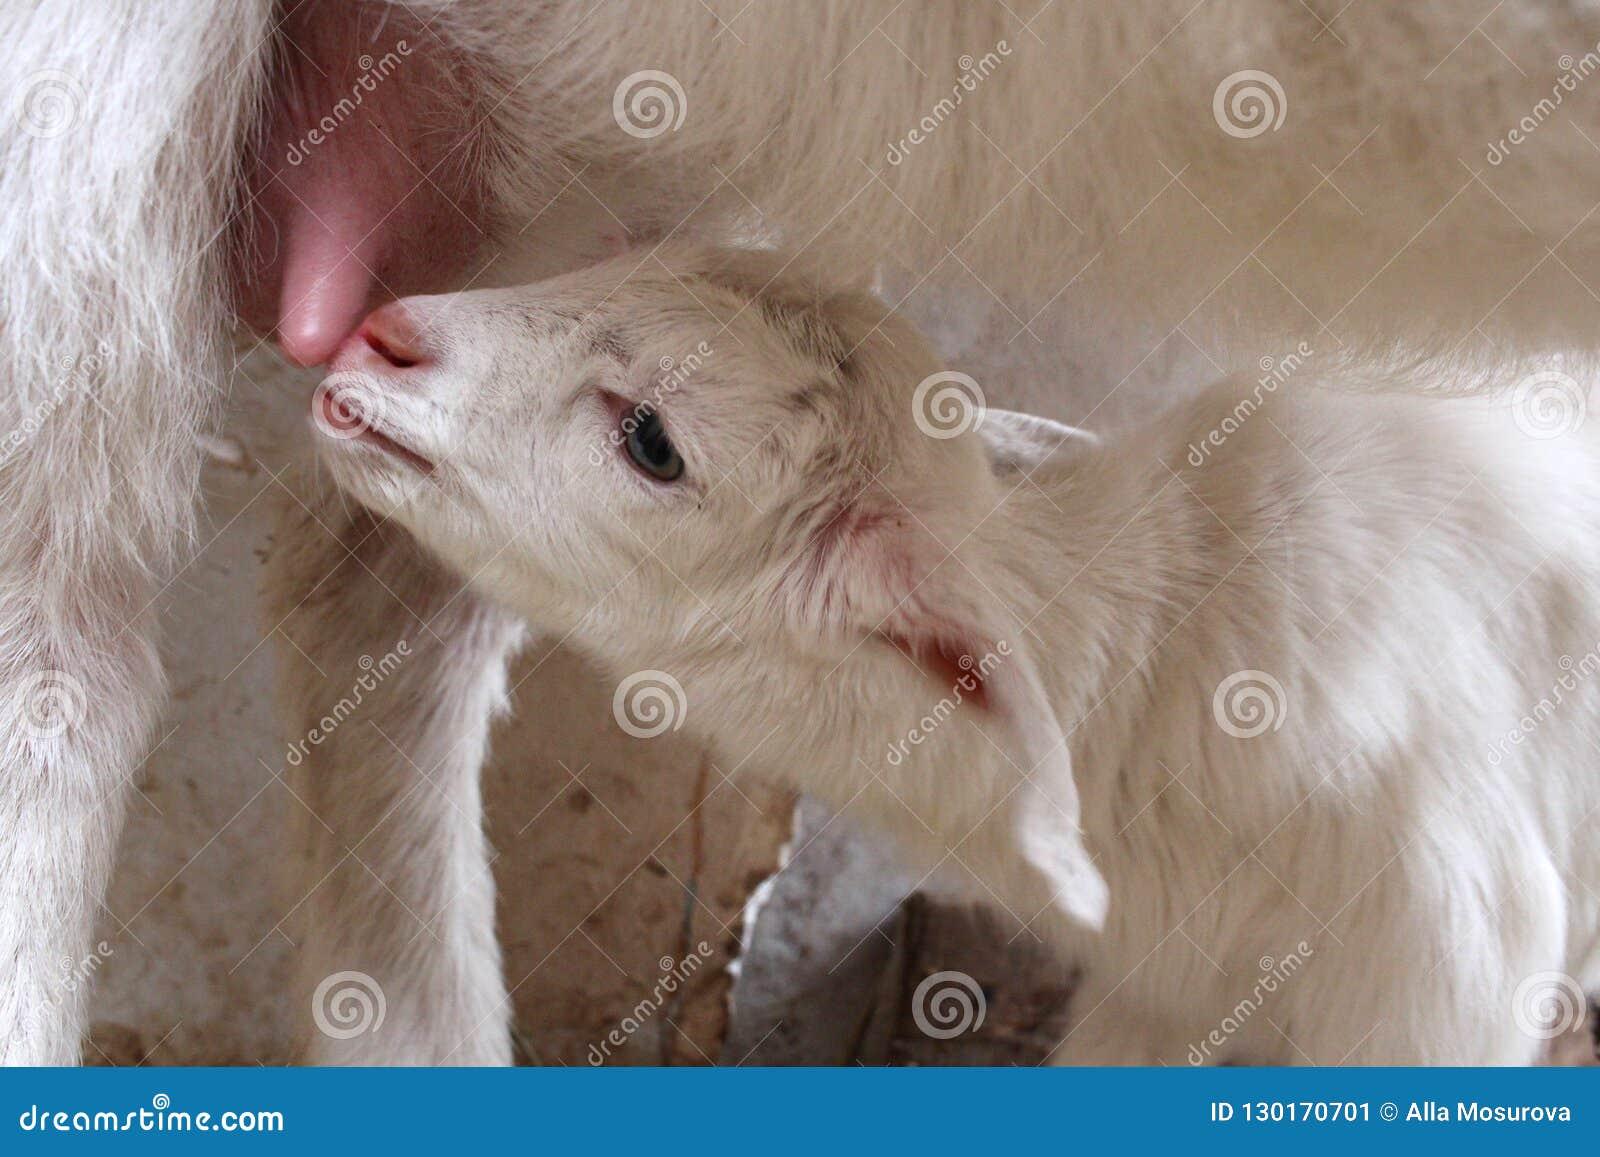 Kózka dzieciak i,/mleka kózki gospodarstwo rolne czułość udder dójki